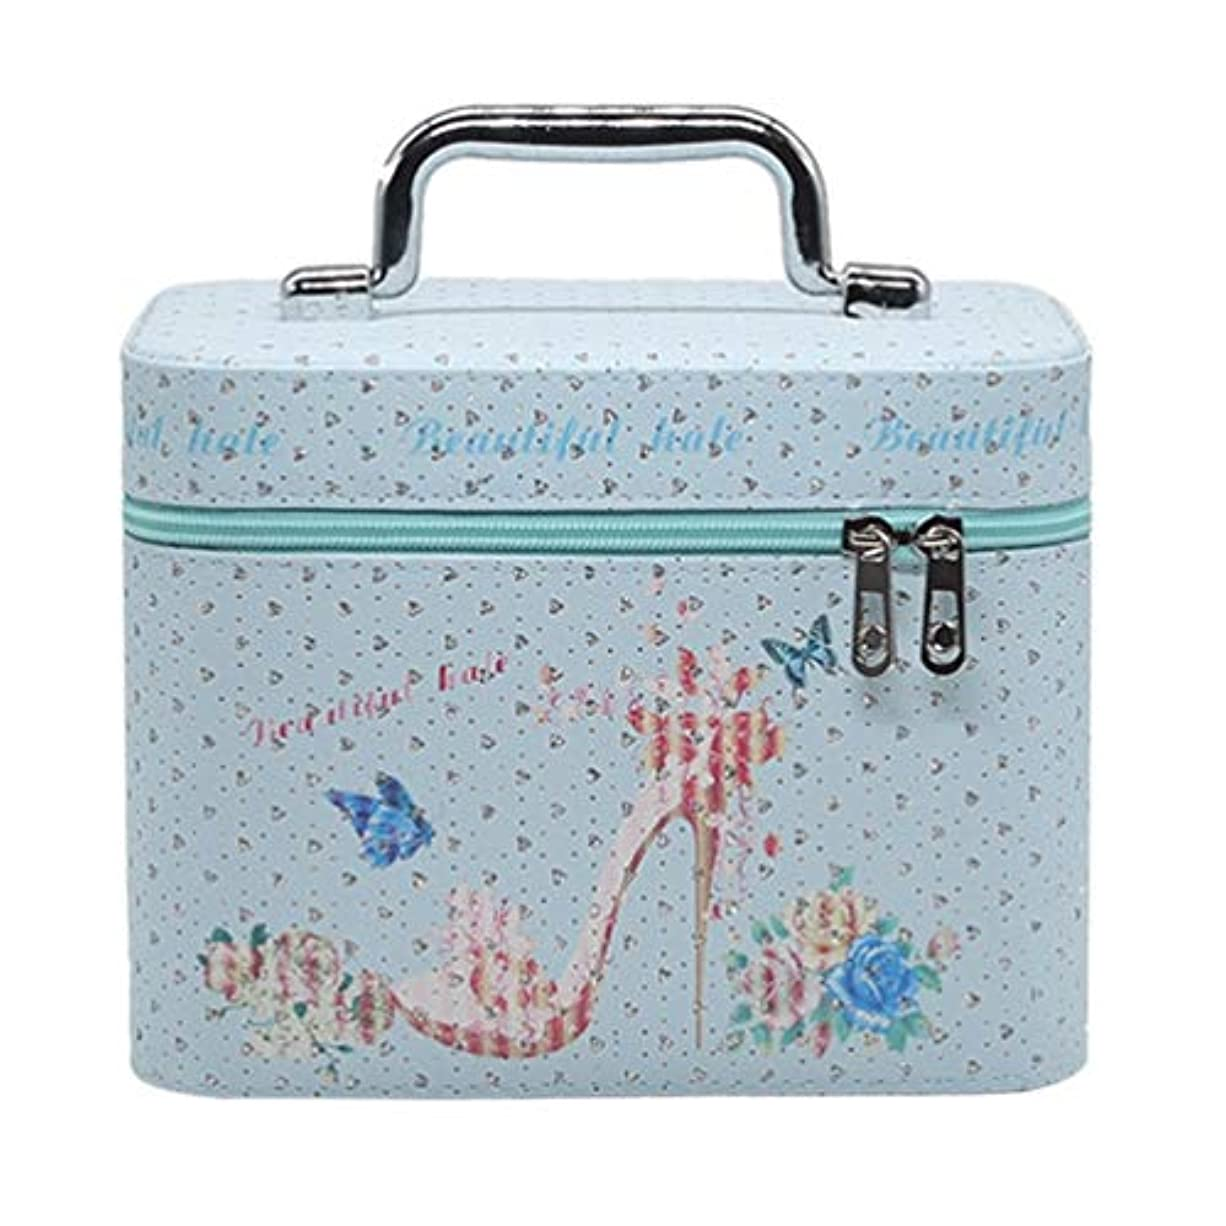 の頭の上知覚するクッションメイクボックス 可愛い コスメボックス 化粧品箱 収納ボックス 鏡付き ダブルジッパー スムース 防水 手提げ おしゃれ 花柄 ピンク ガールズ プレゼント